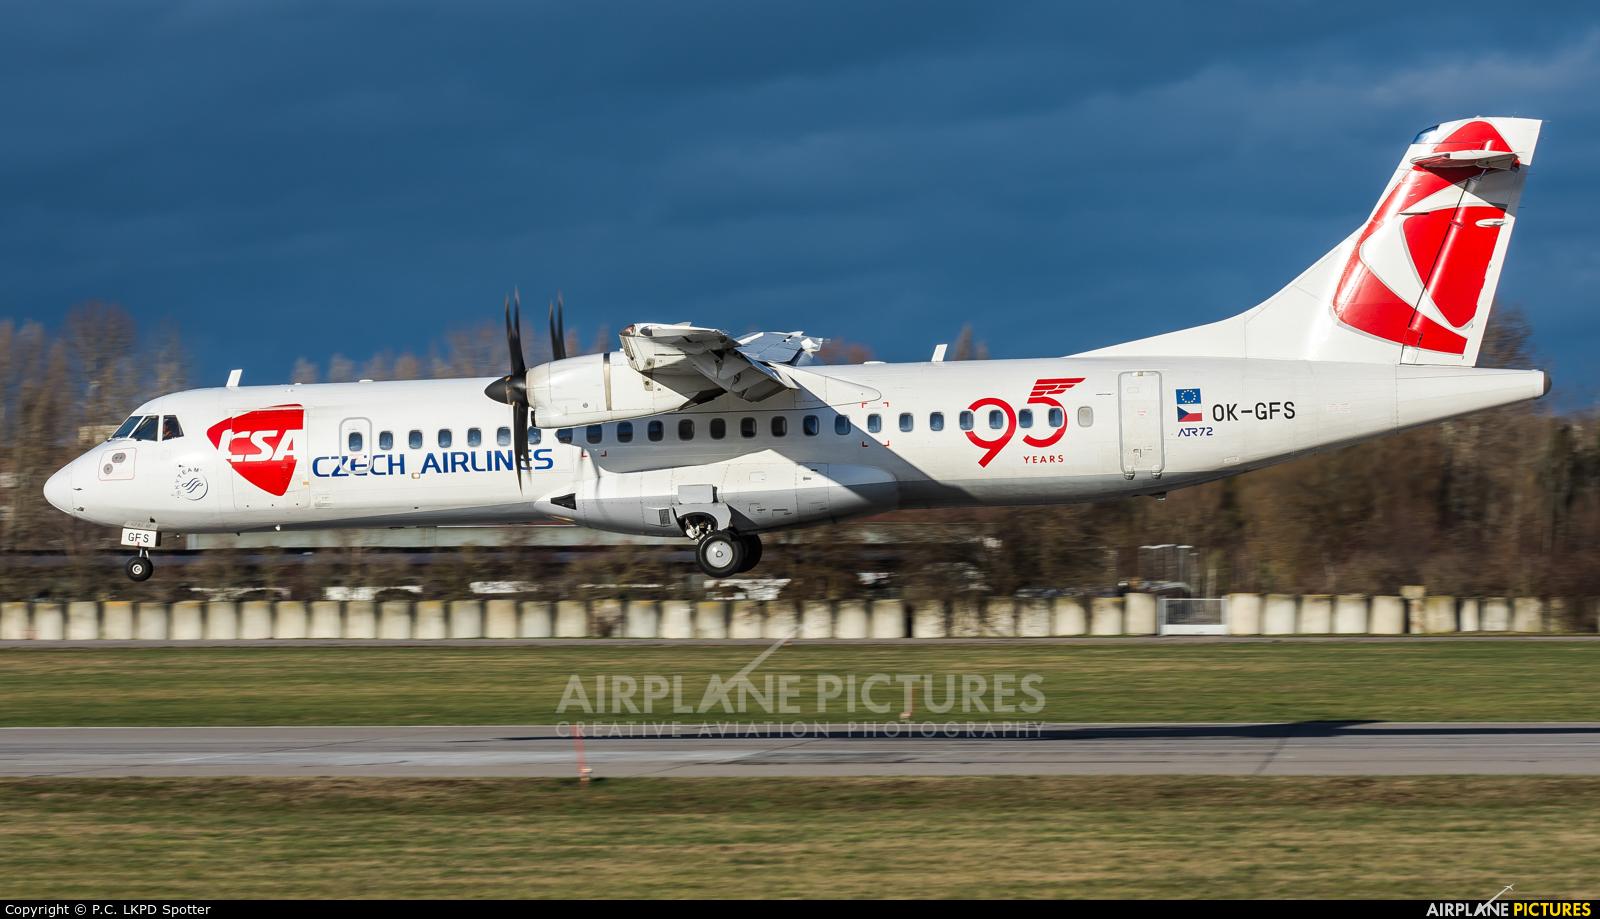 CSA - Czech Airlines OK-GFS aircraft at Pardubice